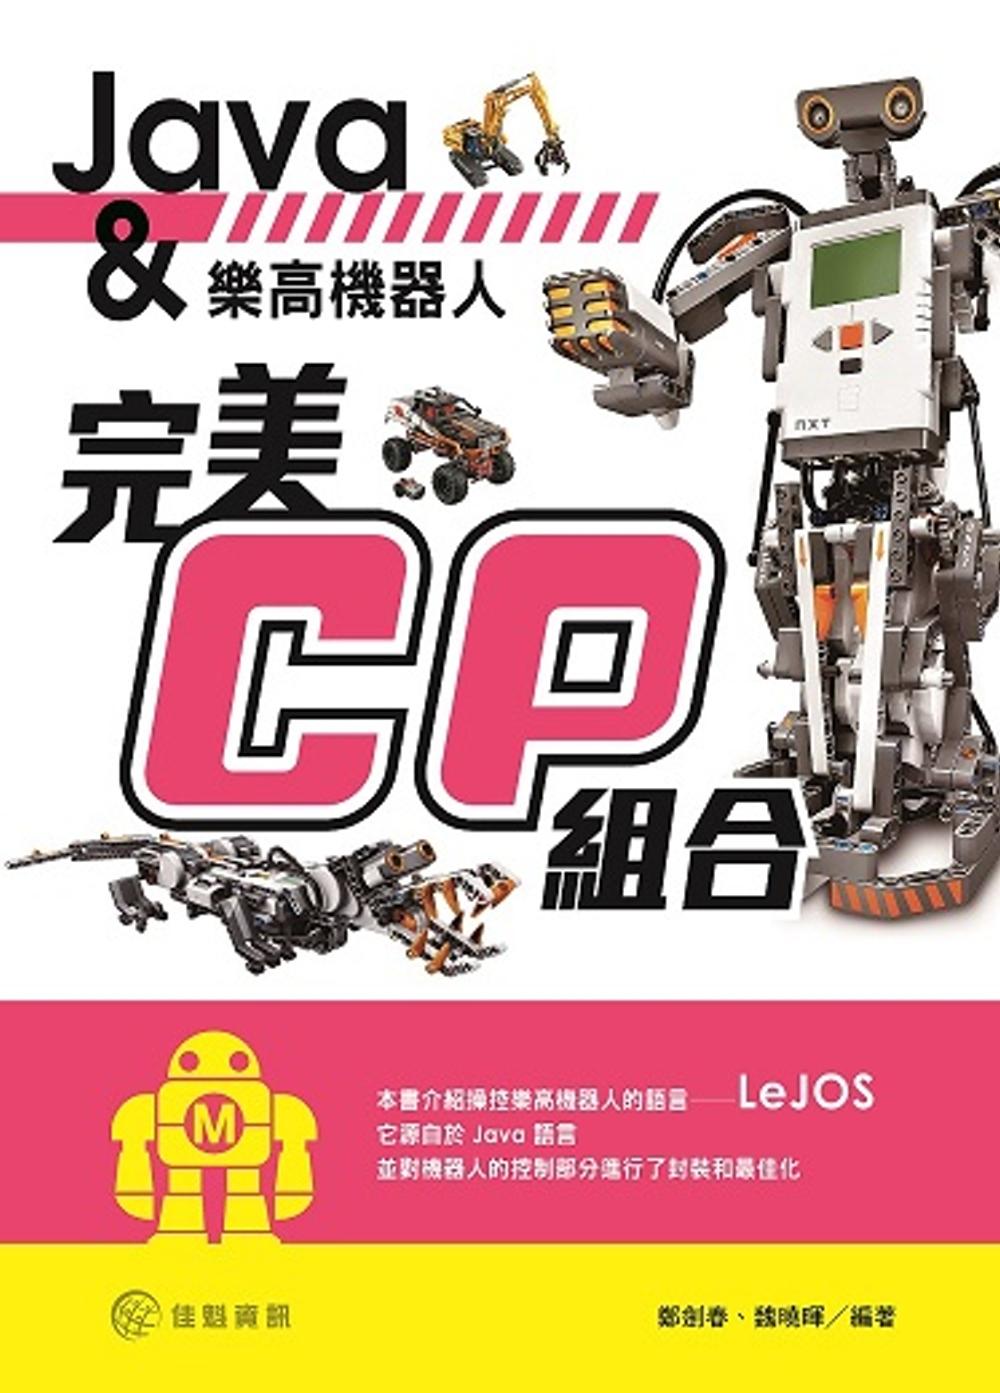 Java與樂高機器人的完美CP組合